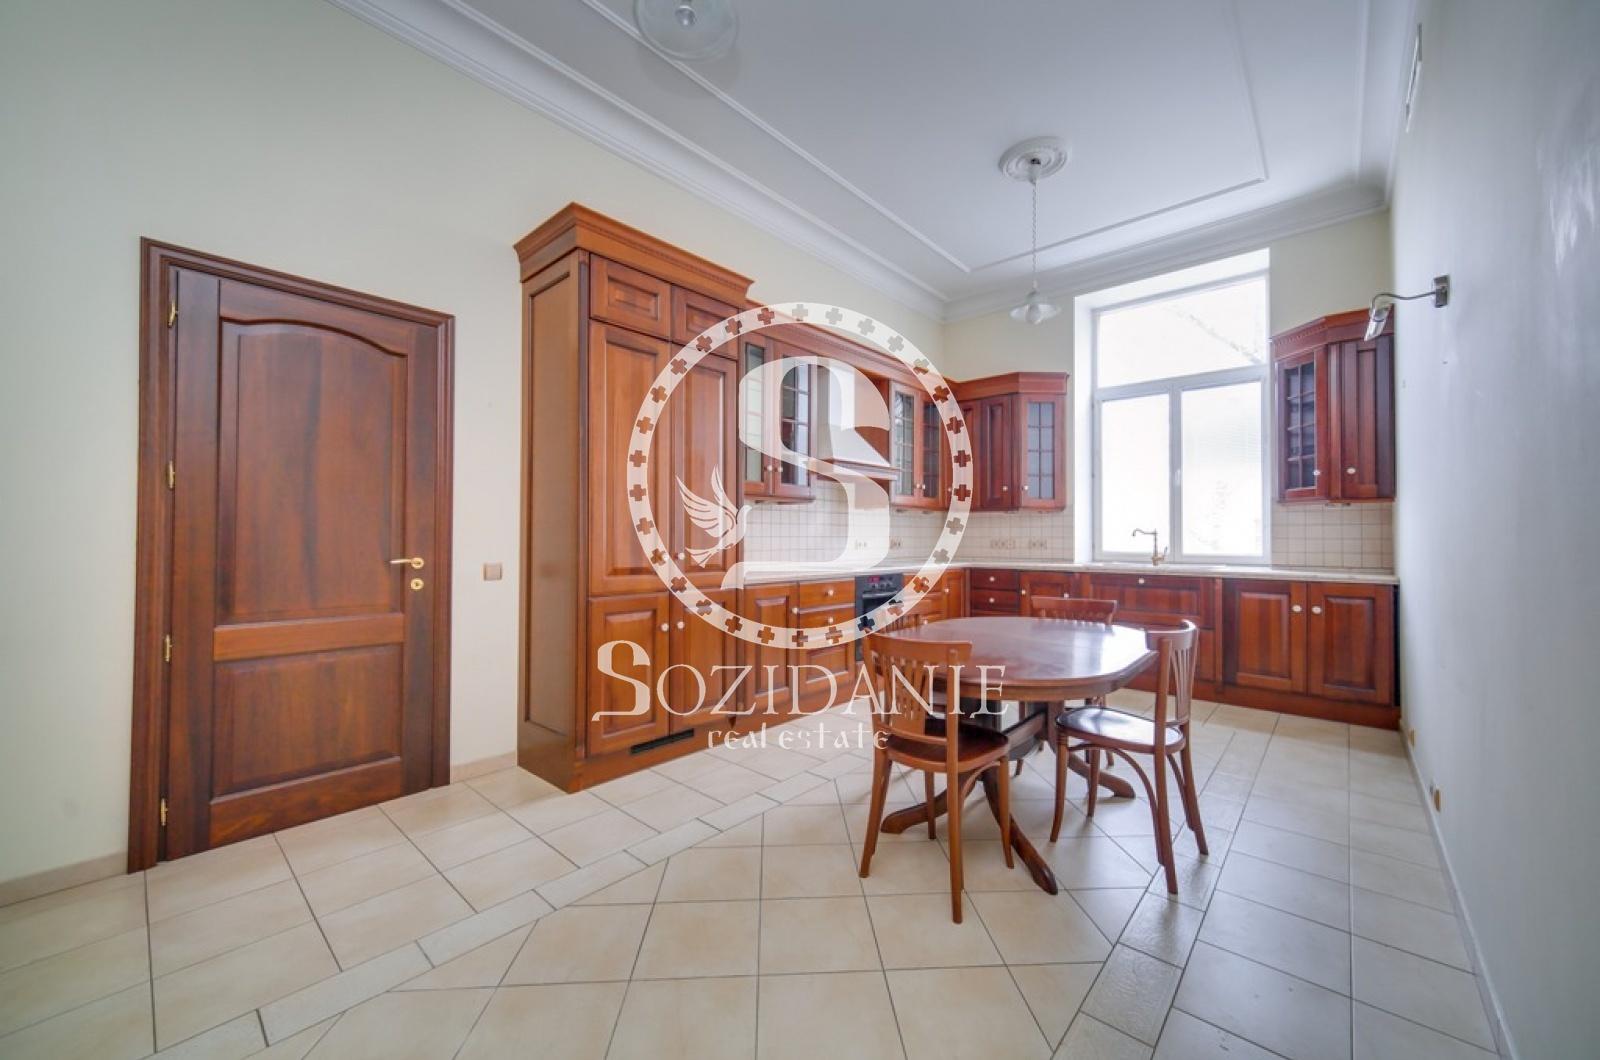 4 Комнаты, Городская, Аренда, Романов переулок, Listing ID 1305, Москва, Россия,